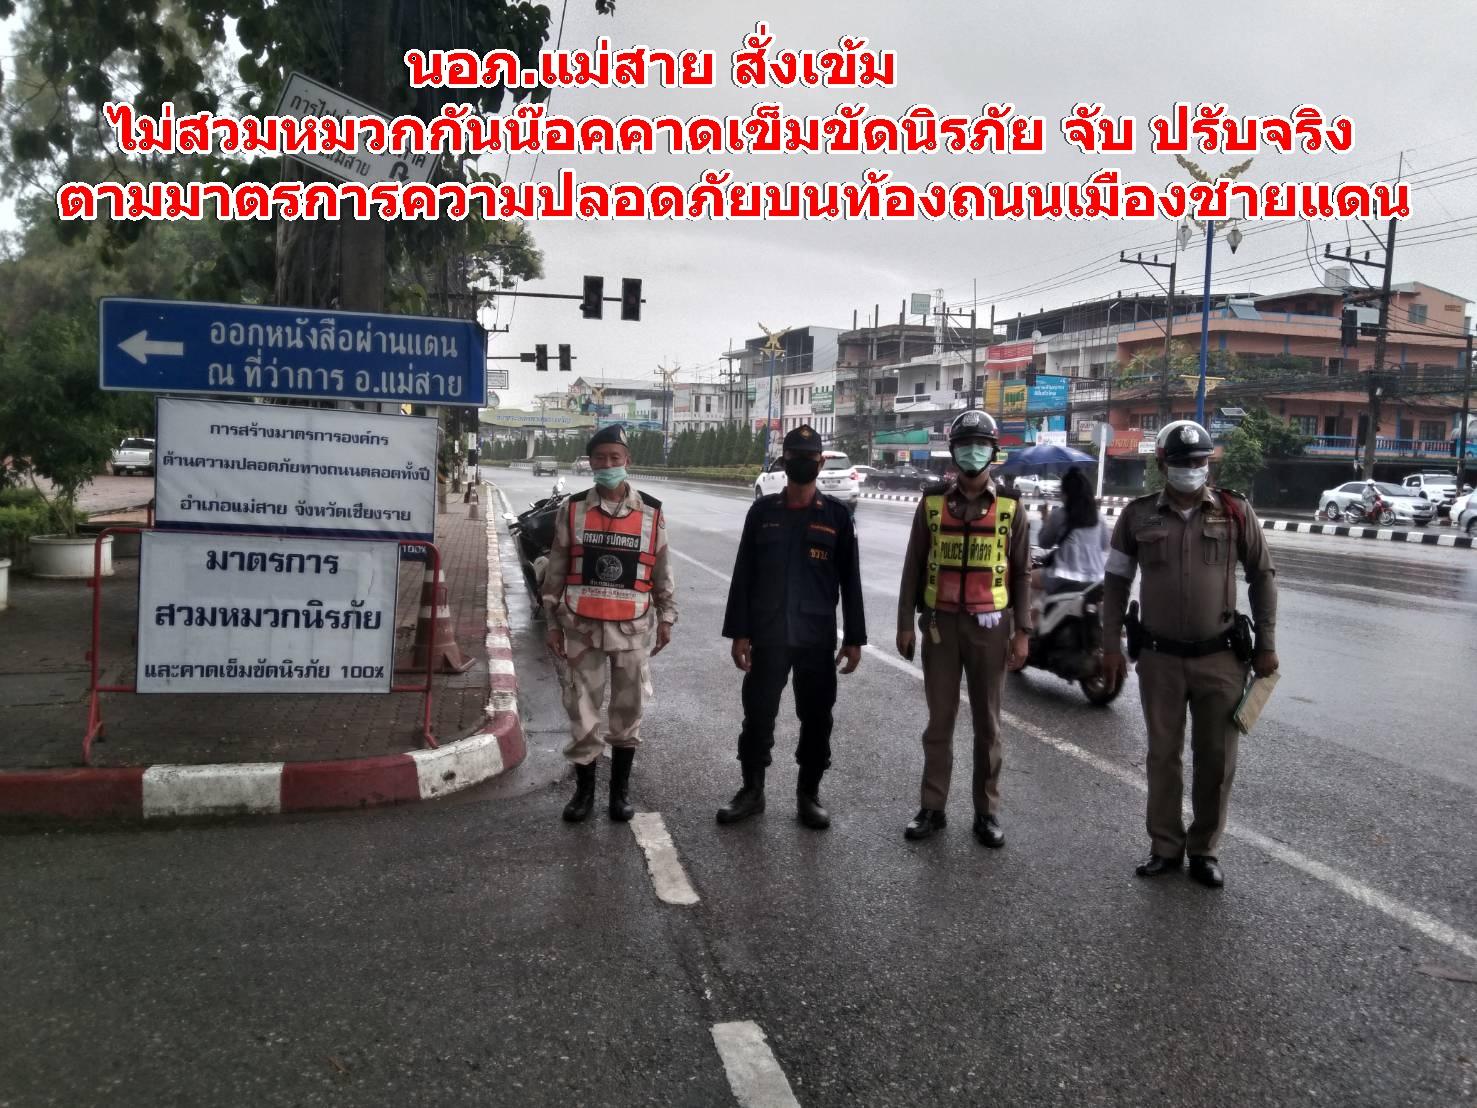 นอภ.แม่สาย สั่งเข้ม ไม่สวมหมวกกันน๊อค คาดเข็มขัดนิรภัย จับ ปรับจริง ตามมาตรการความปลอดภัยบนท้องถนนเมืองชายแดน